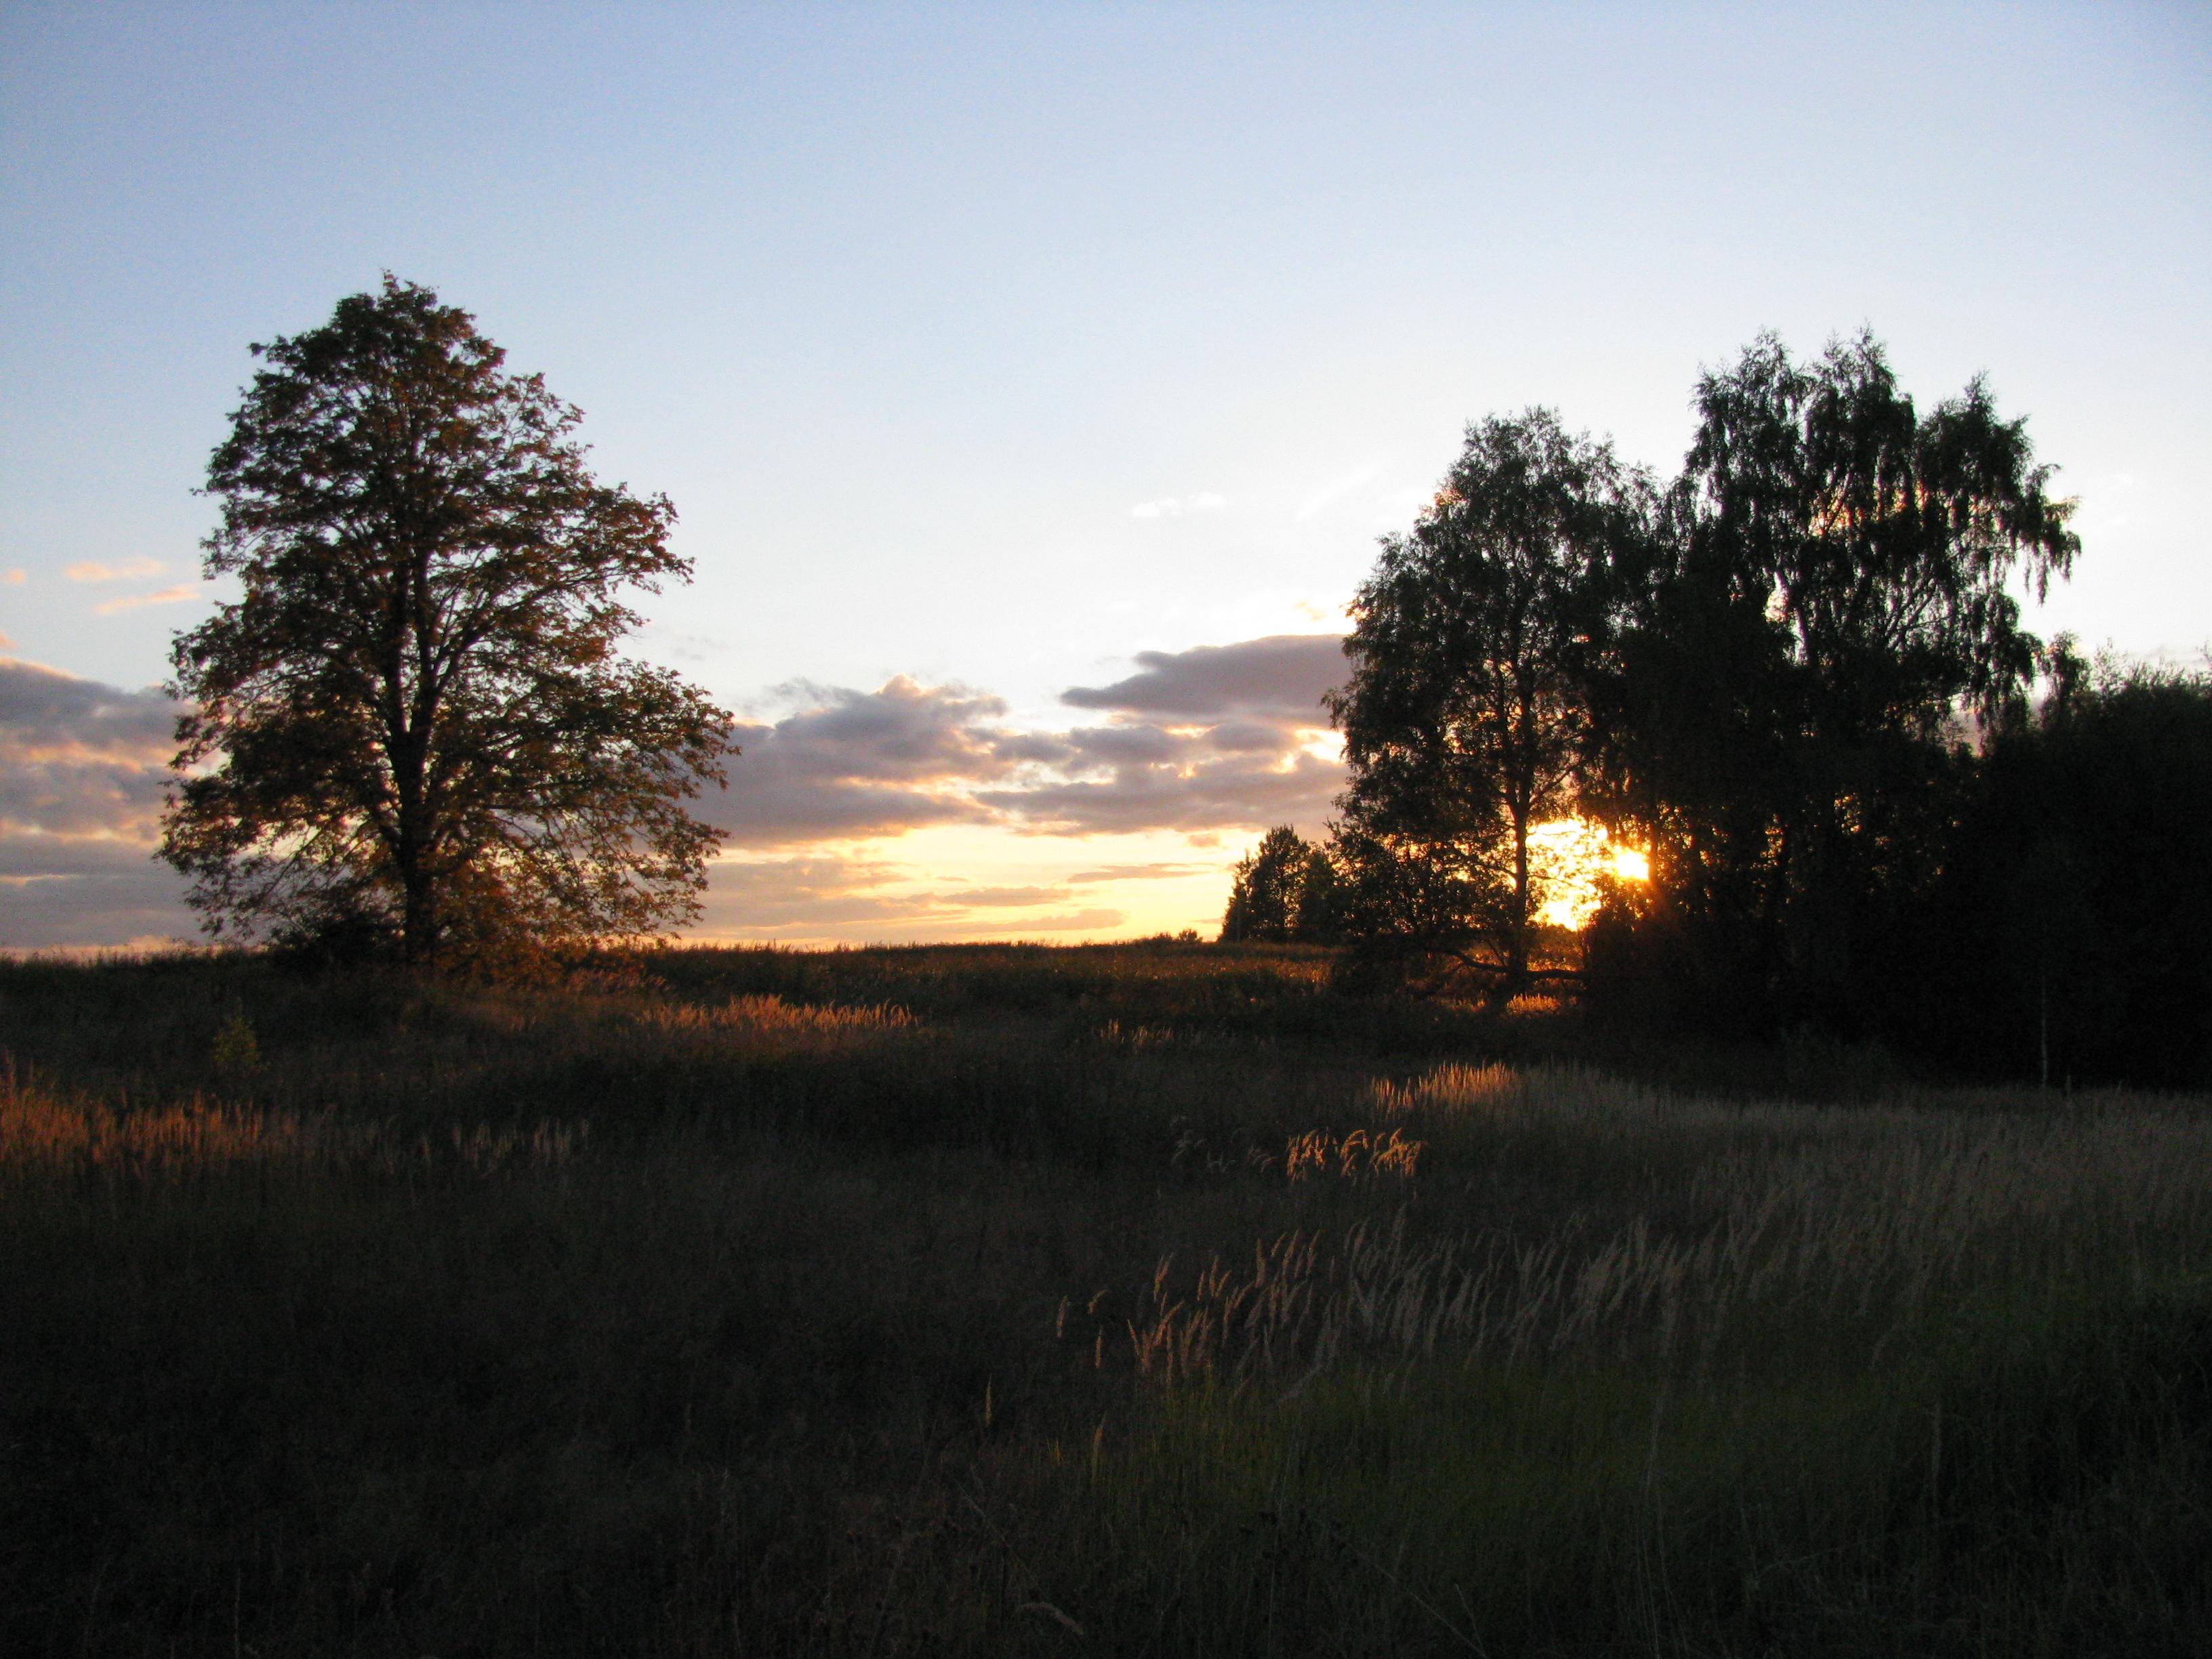 половые фото деревня моя деревянная дальняя ряд выглядит